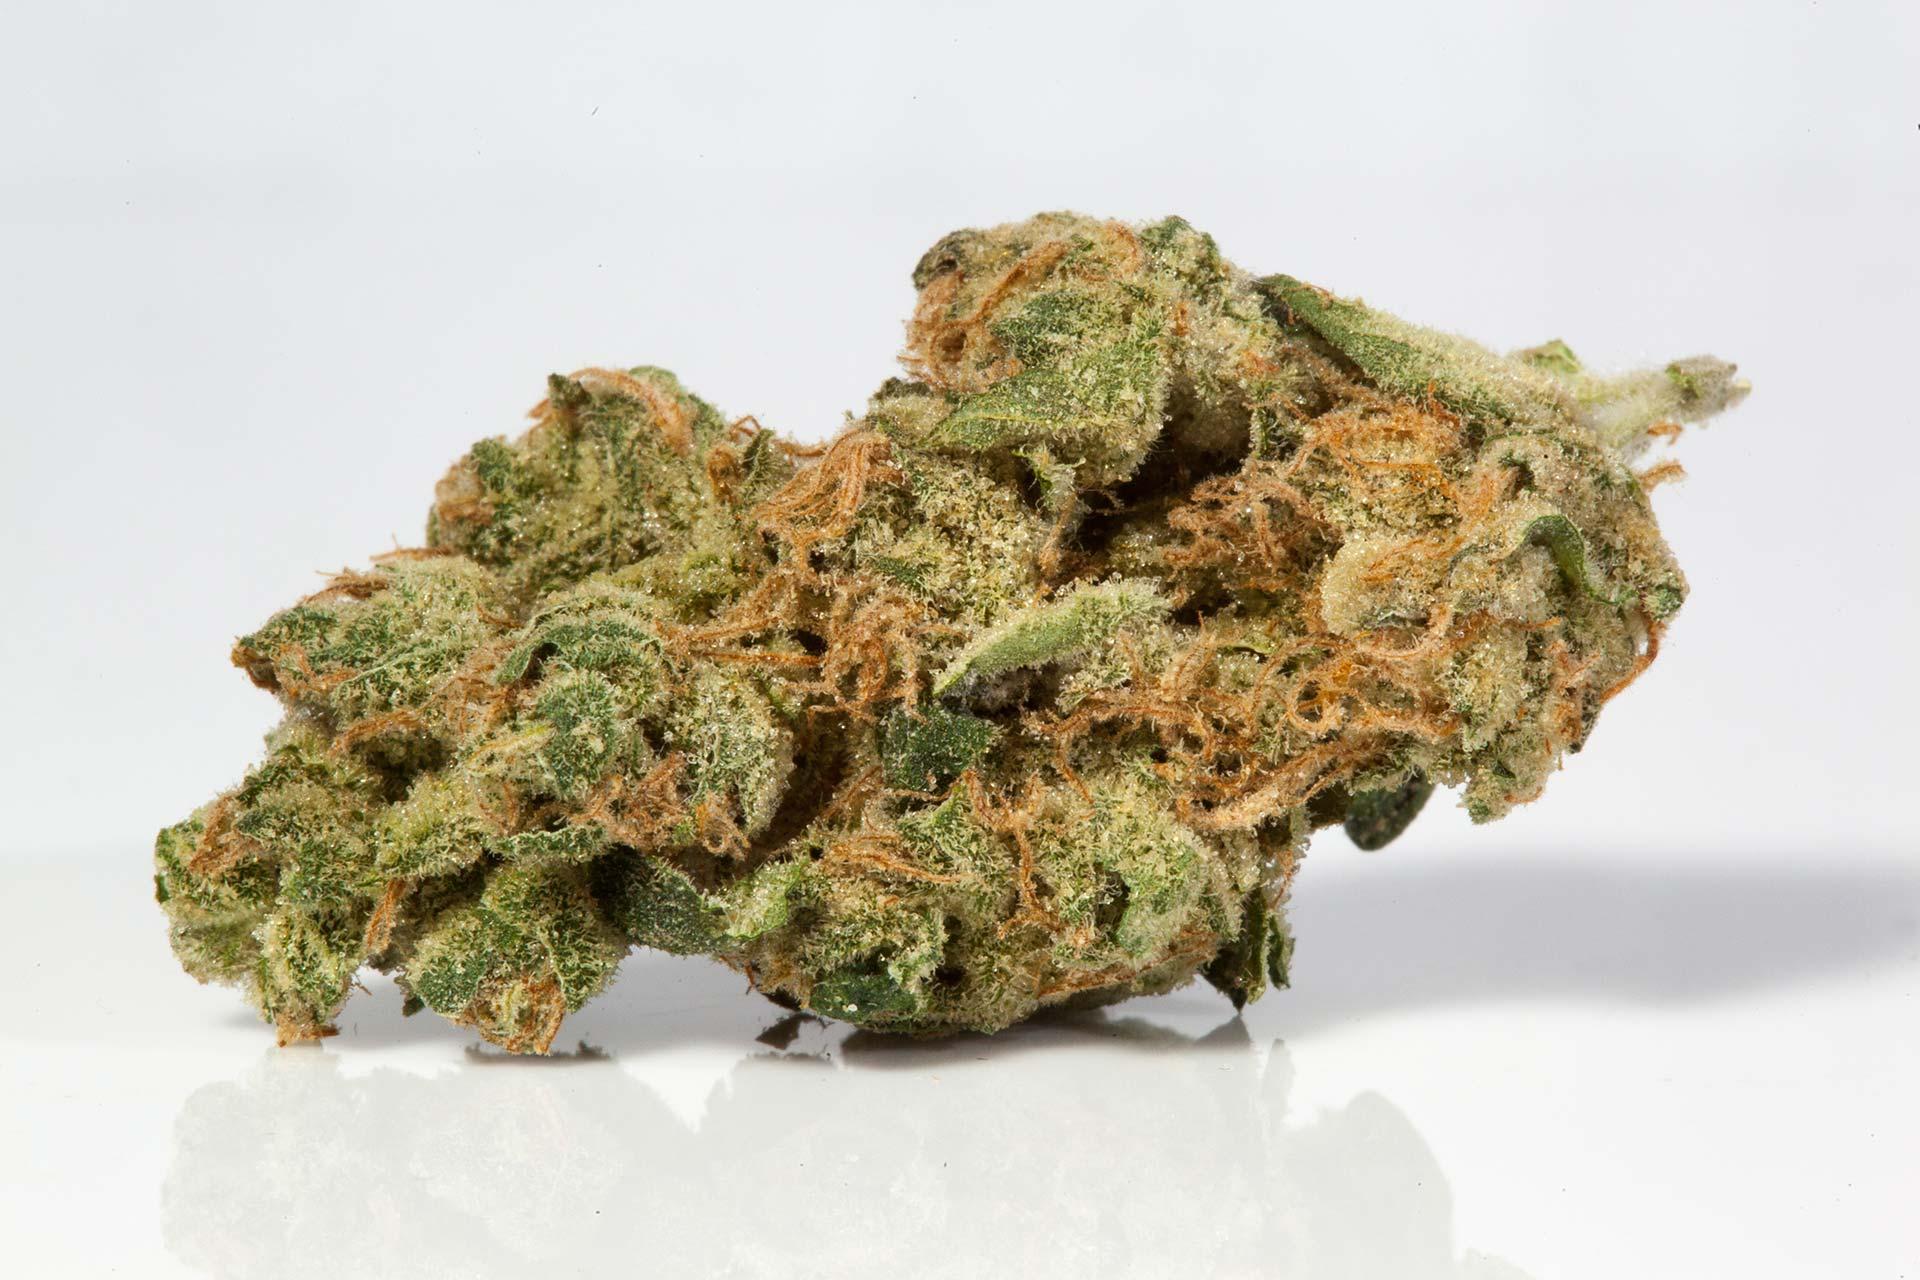 Sour Diesel Cannabis Strain For BJJ